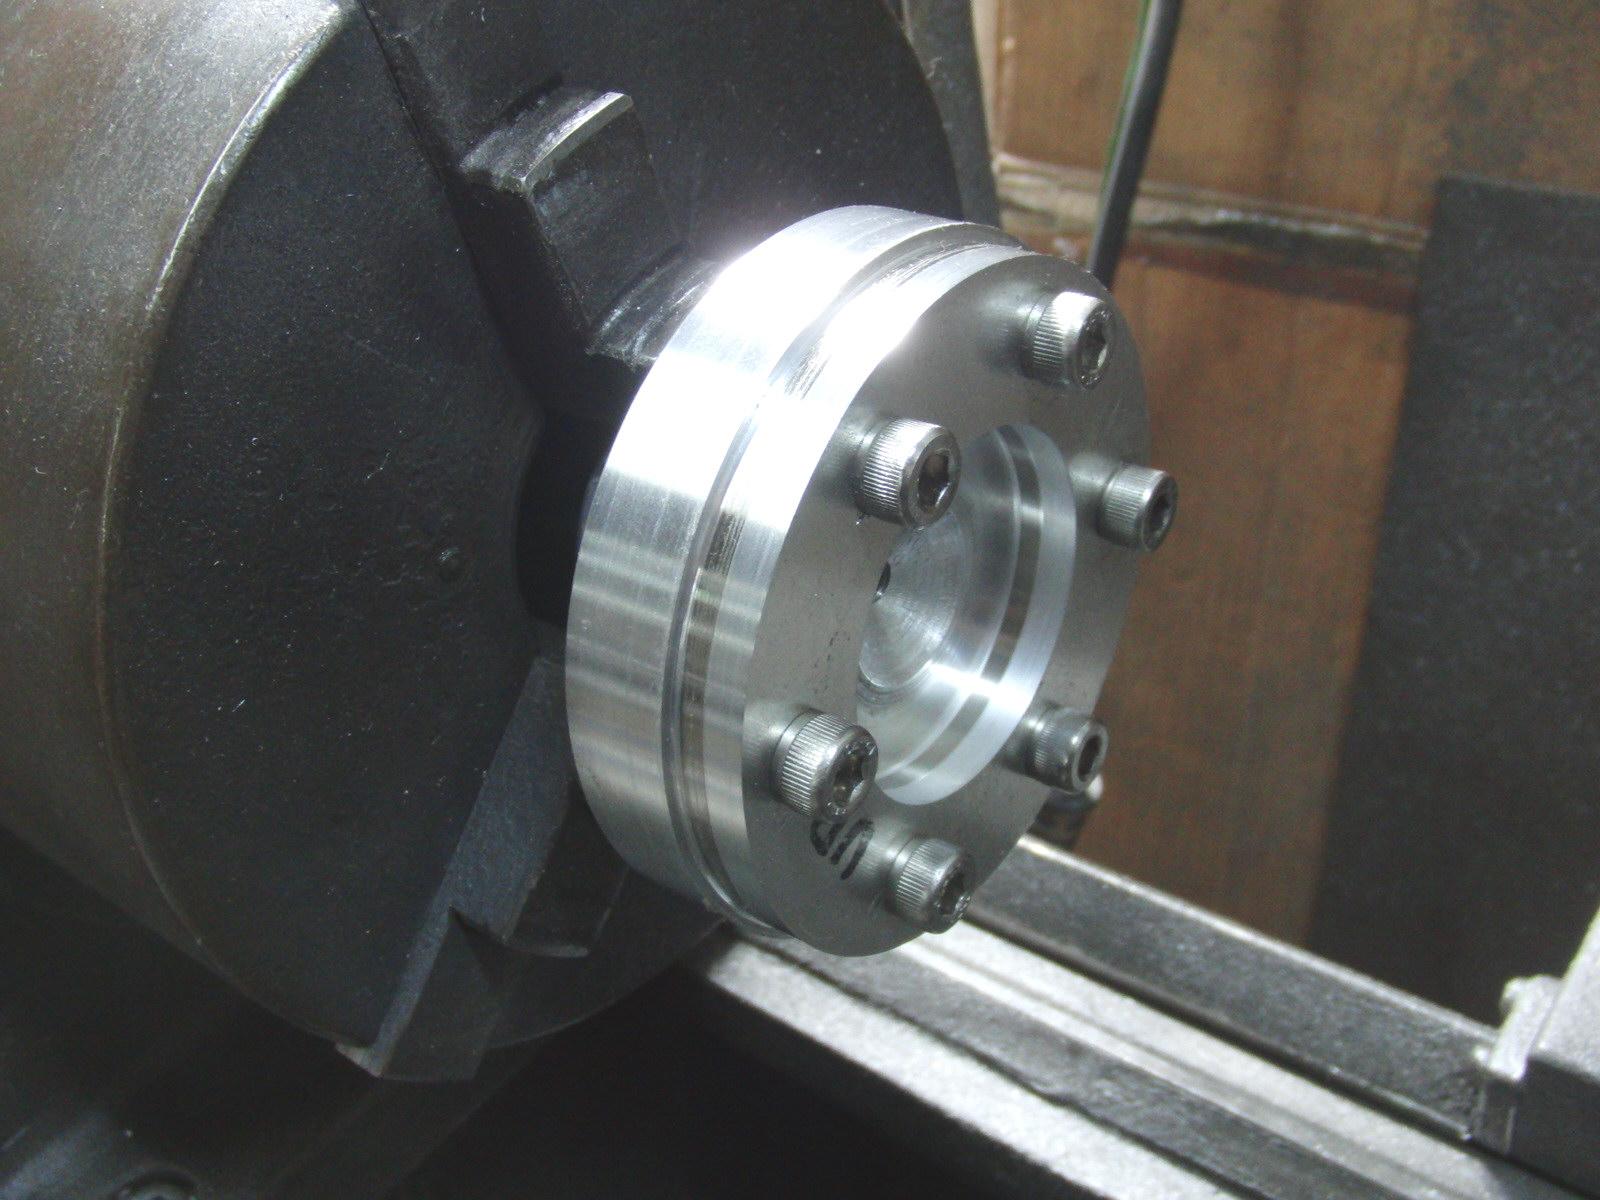 http://www.precious-factory.com/preciousfactory2010/CIMG2703.JPG